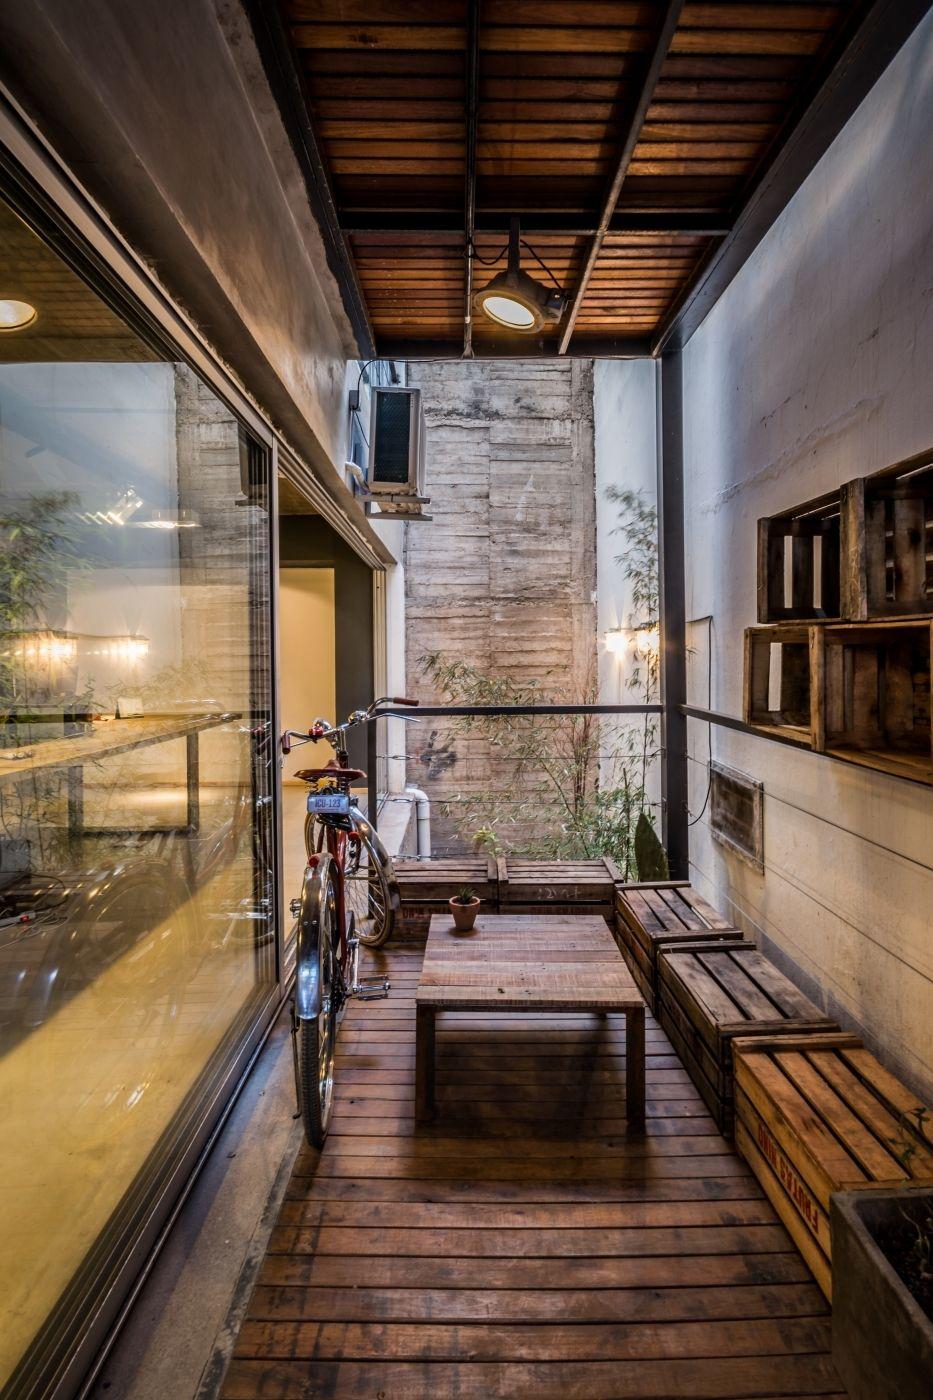 Galeria De Corazon De Manzana Pablo Dellatorre 20 Arquitectura Patios Y Deco